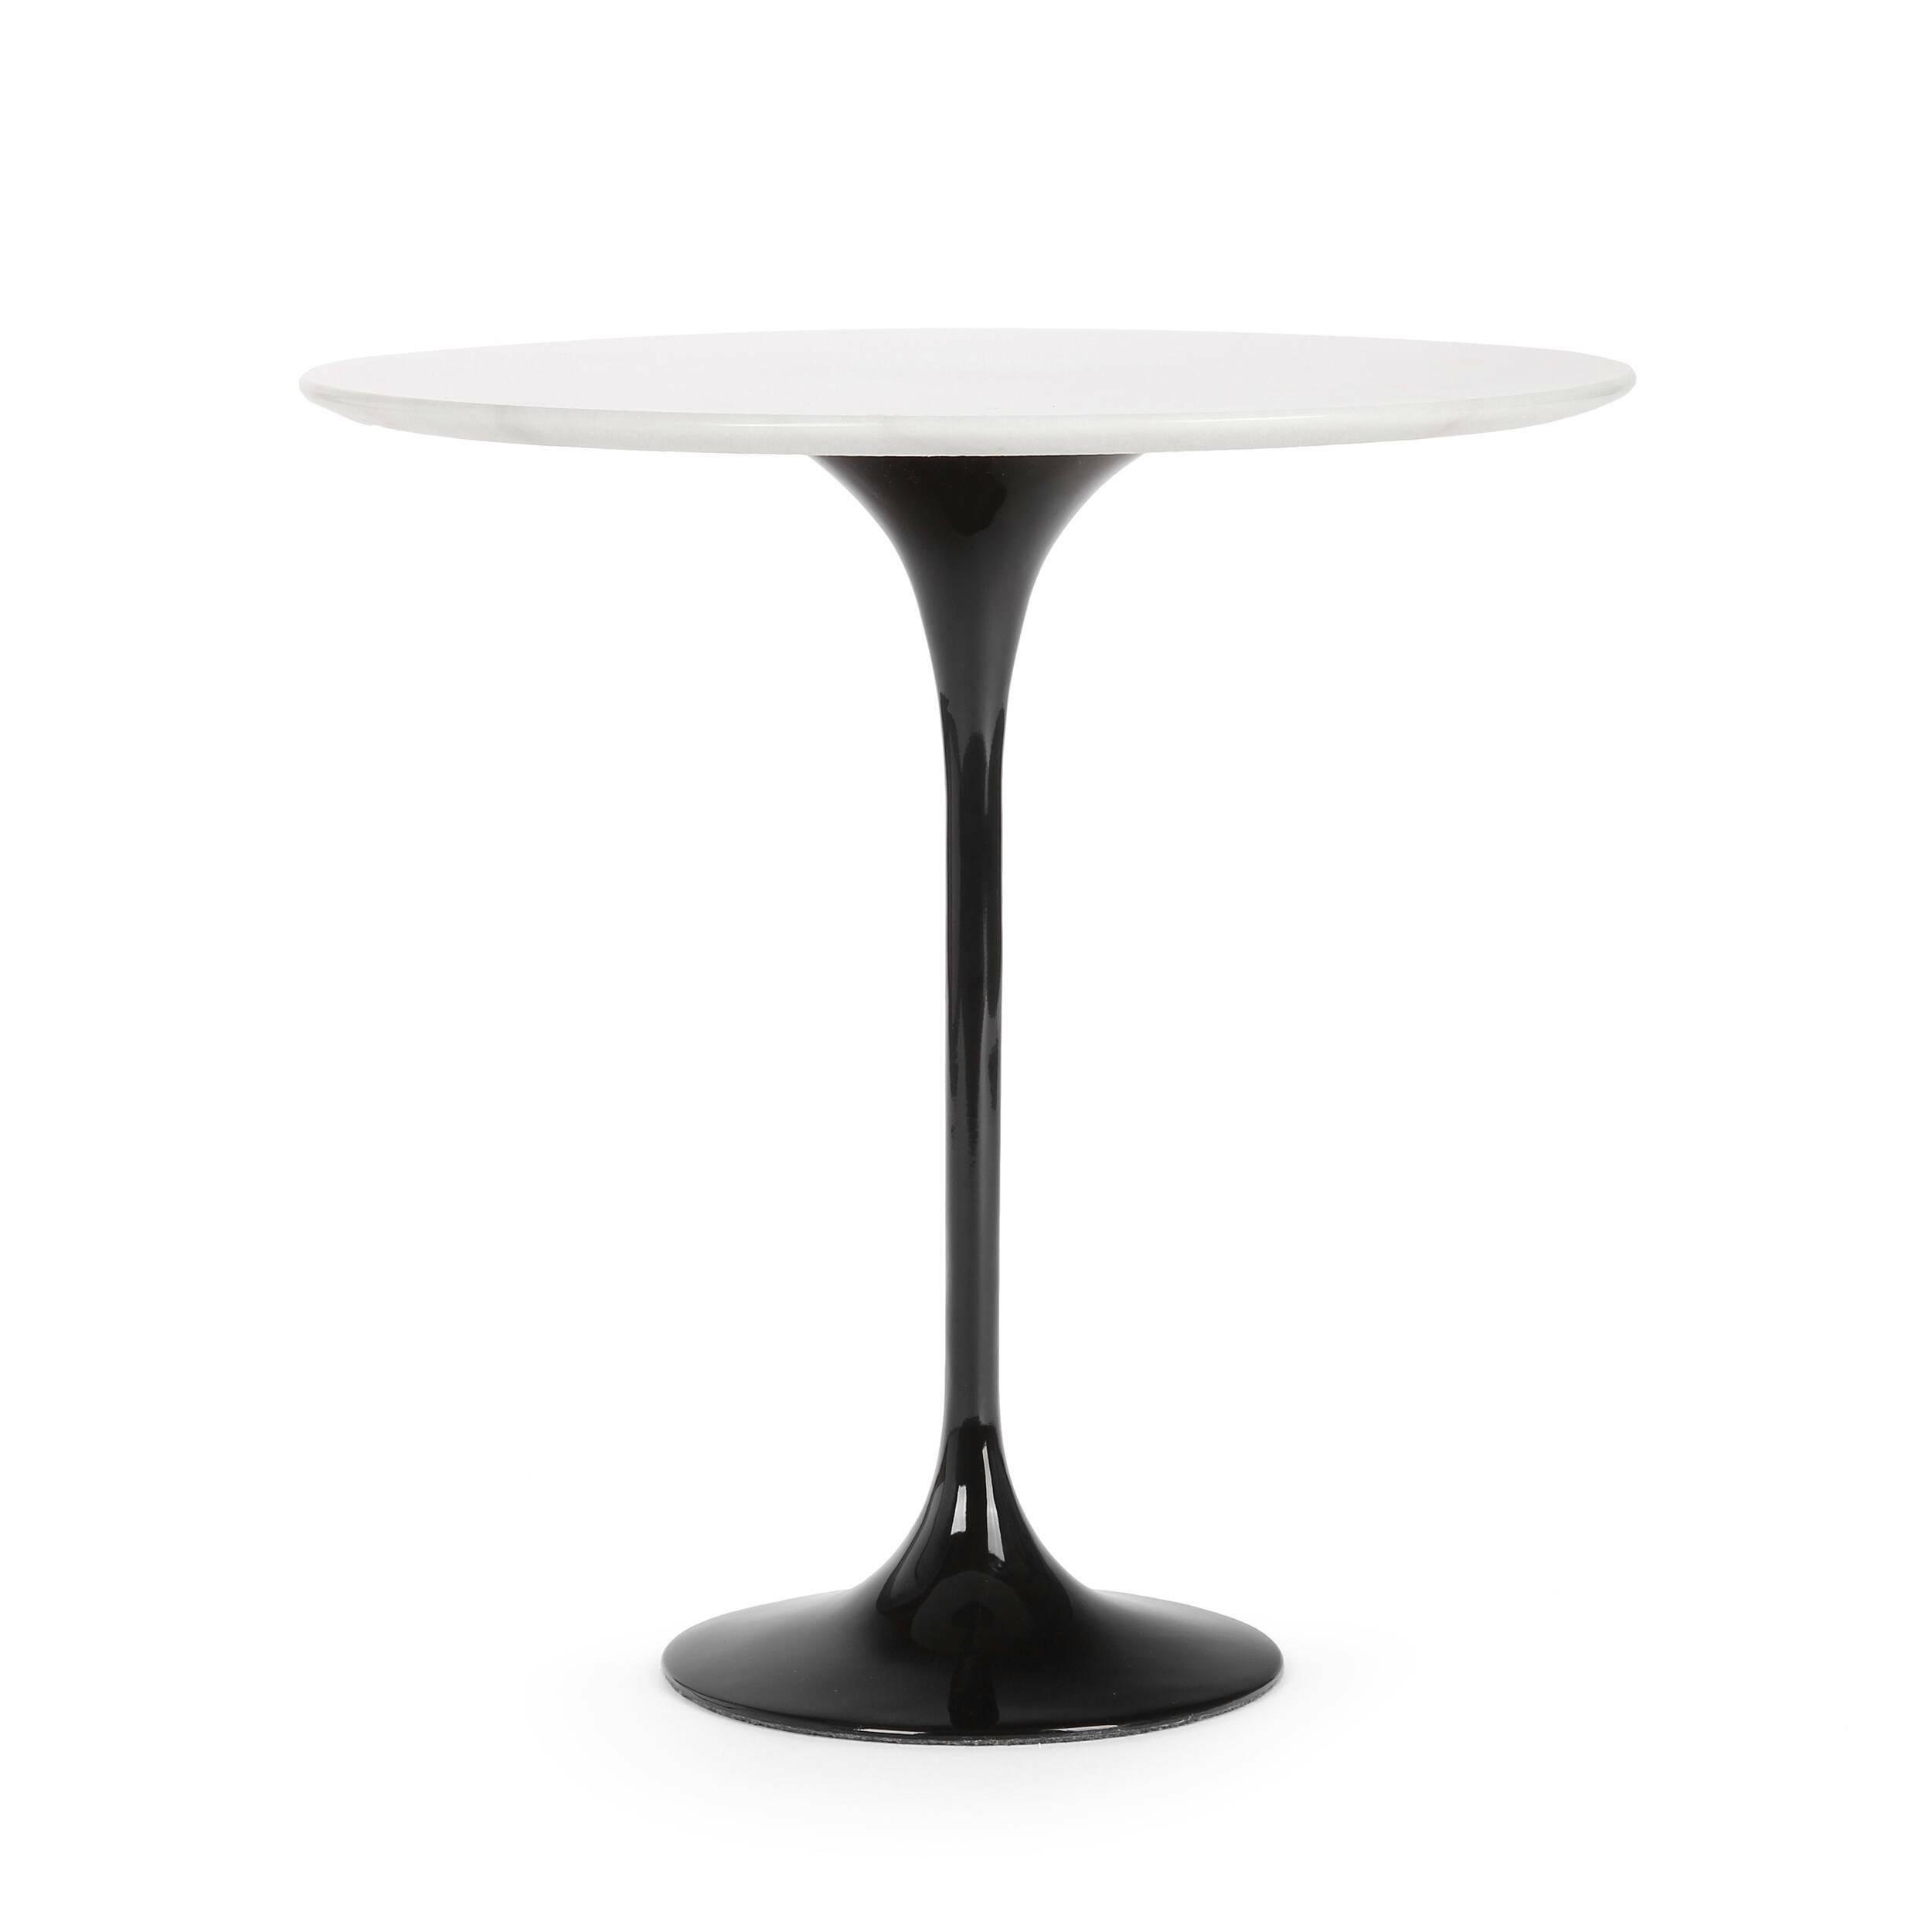 Кофейный стол Tulip с мраморной столешницей высота 52Кофейные столики<br>Дизайнерский кофейный круглый стол Tulip (Тулип) высота 52 с мраморной столешницей на одной ножке от Cosmo (Космо).<br><br><br> У каждого знаменитого дизайнера прошлого столетия есть своя «формула вечного дизайна», а значит, есть и произведения дизайнерского искусства, которые уже много лет не выходят из моды, не теряют своей актуальности и востребованы по сей день. Оригинальный стол Tulip как раз был разработан при помощи такой формулы, которую вывел Ээро Сааринен, знаменитый американский архит...<br><br>stock: 0<br>Высота: 52,5<br>Диаметр: 52<br>Цвет ножек: Черный<br>Цвет столешницы: Белый<br>Материал столешницы: Мрамор китайский<br>Тип материала столешницы: Мрамор<br>Тип материала ножек: Алюминий